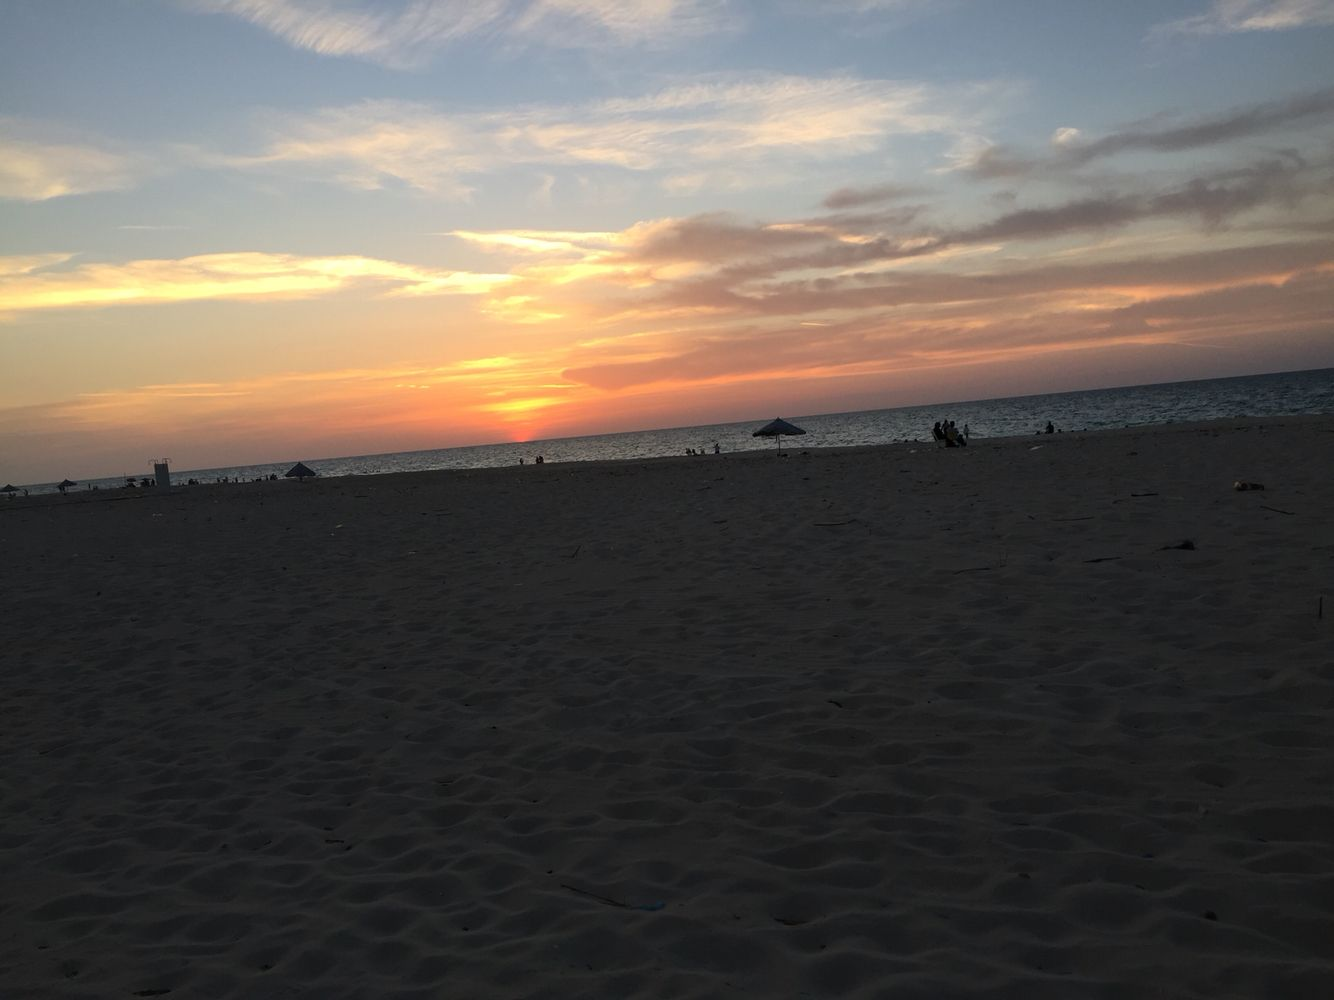 البحر والغروب Sunset Outdoor Celestial